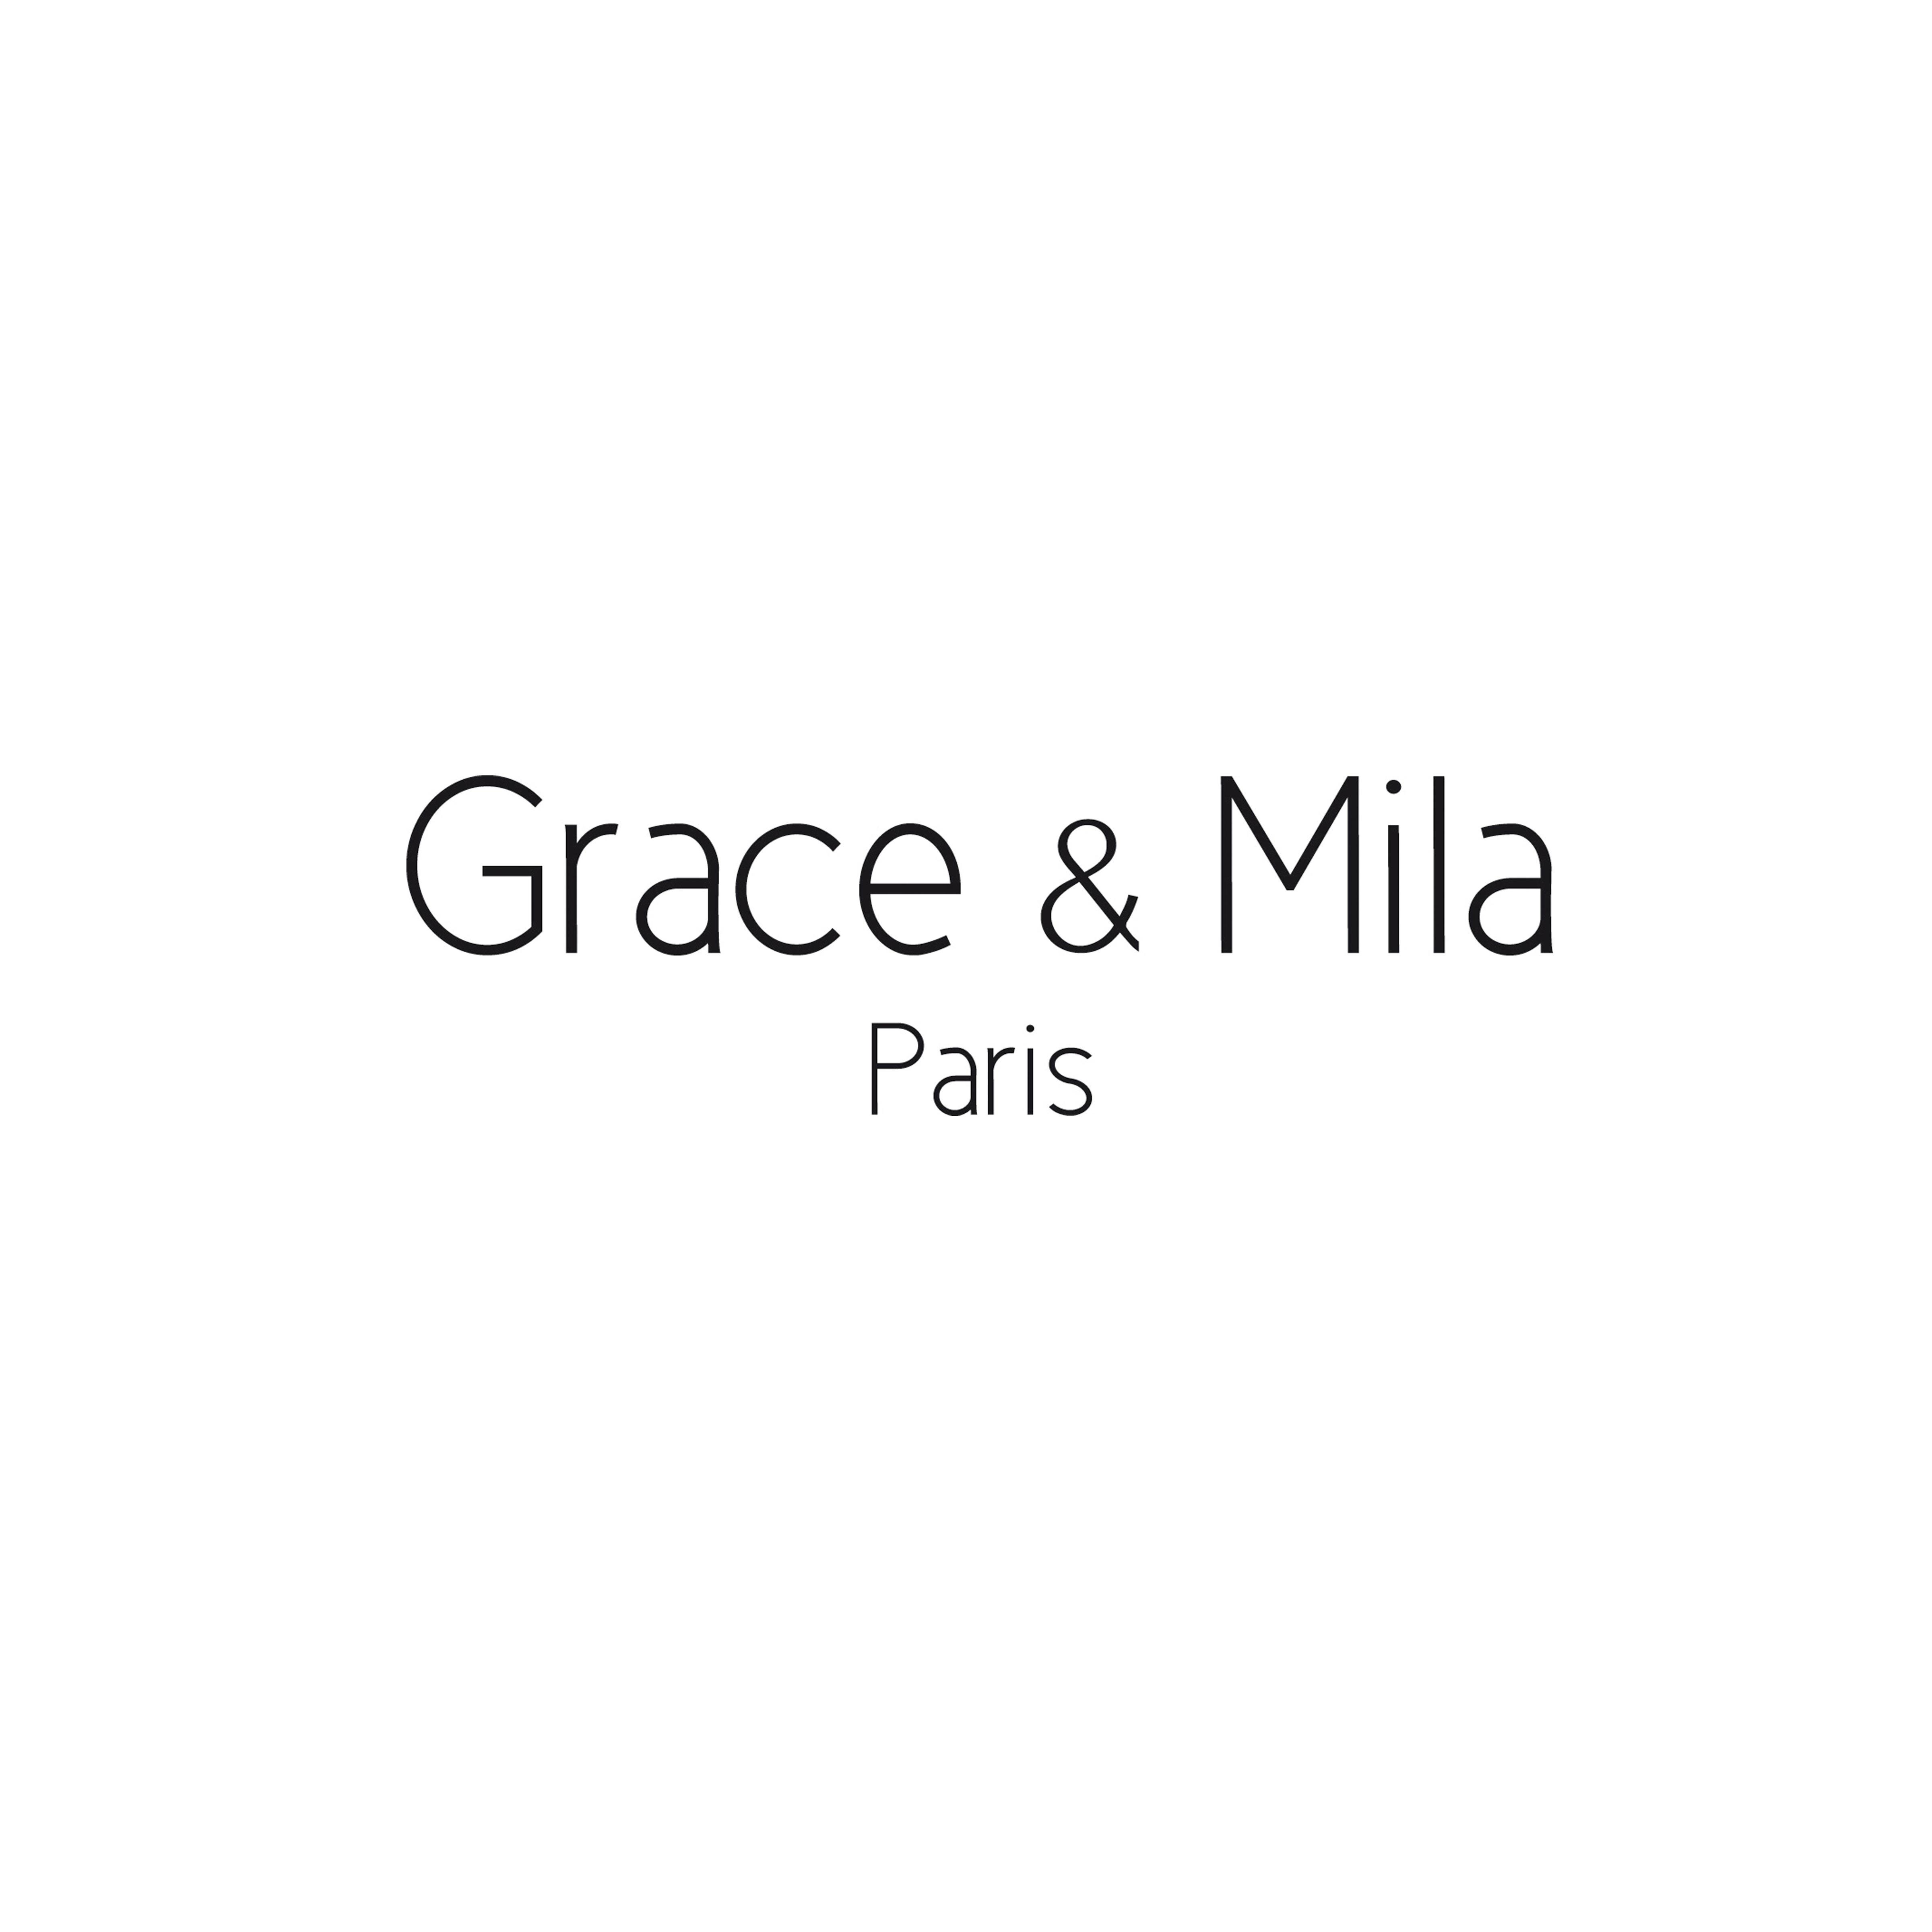 graceandmila.com